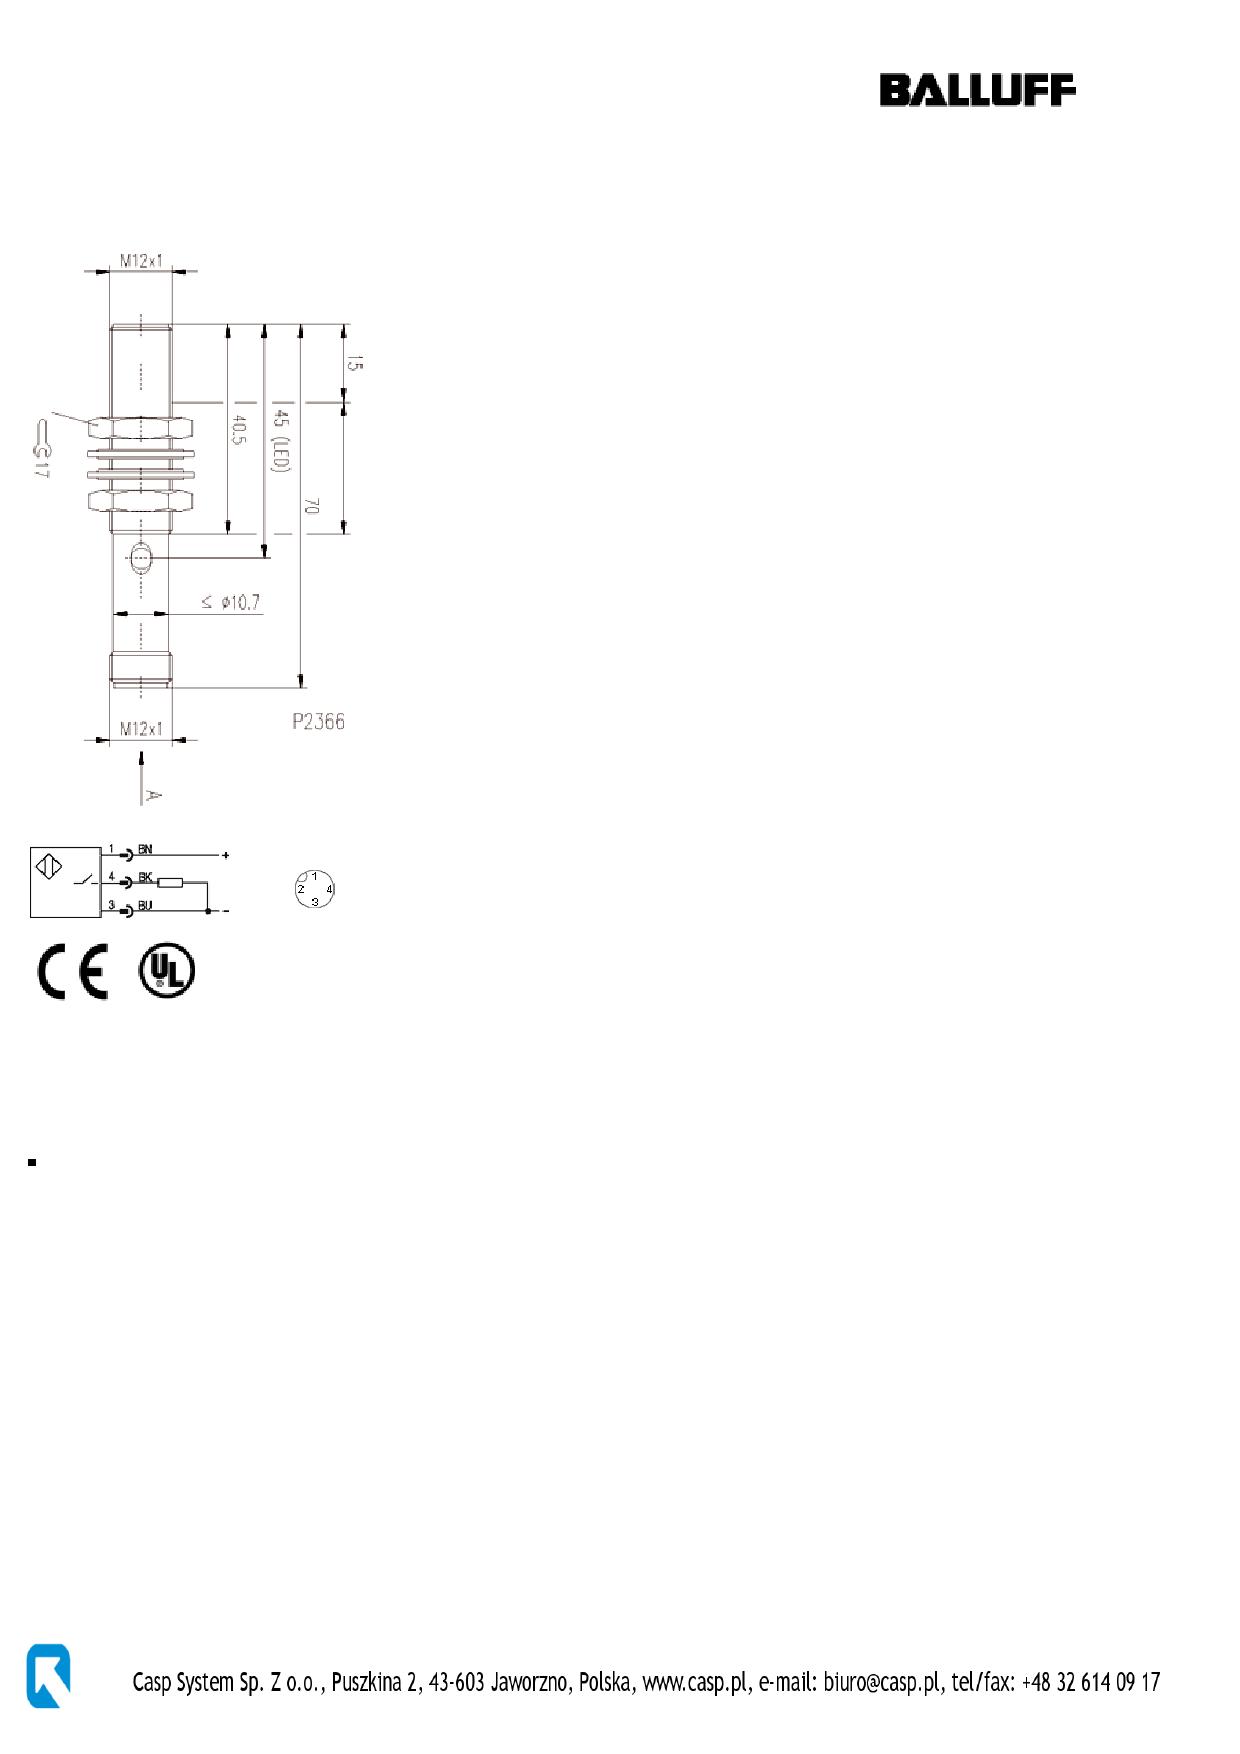 BES516-325-G-S4-C Даташит, Описание, Даташиты